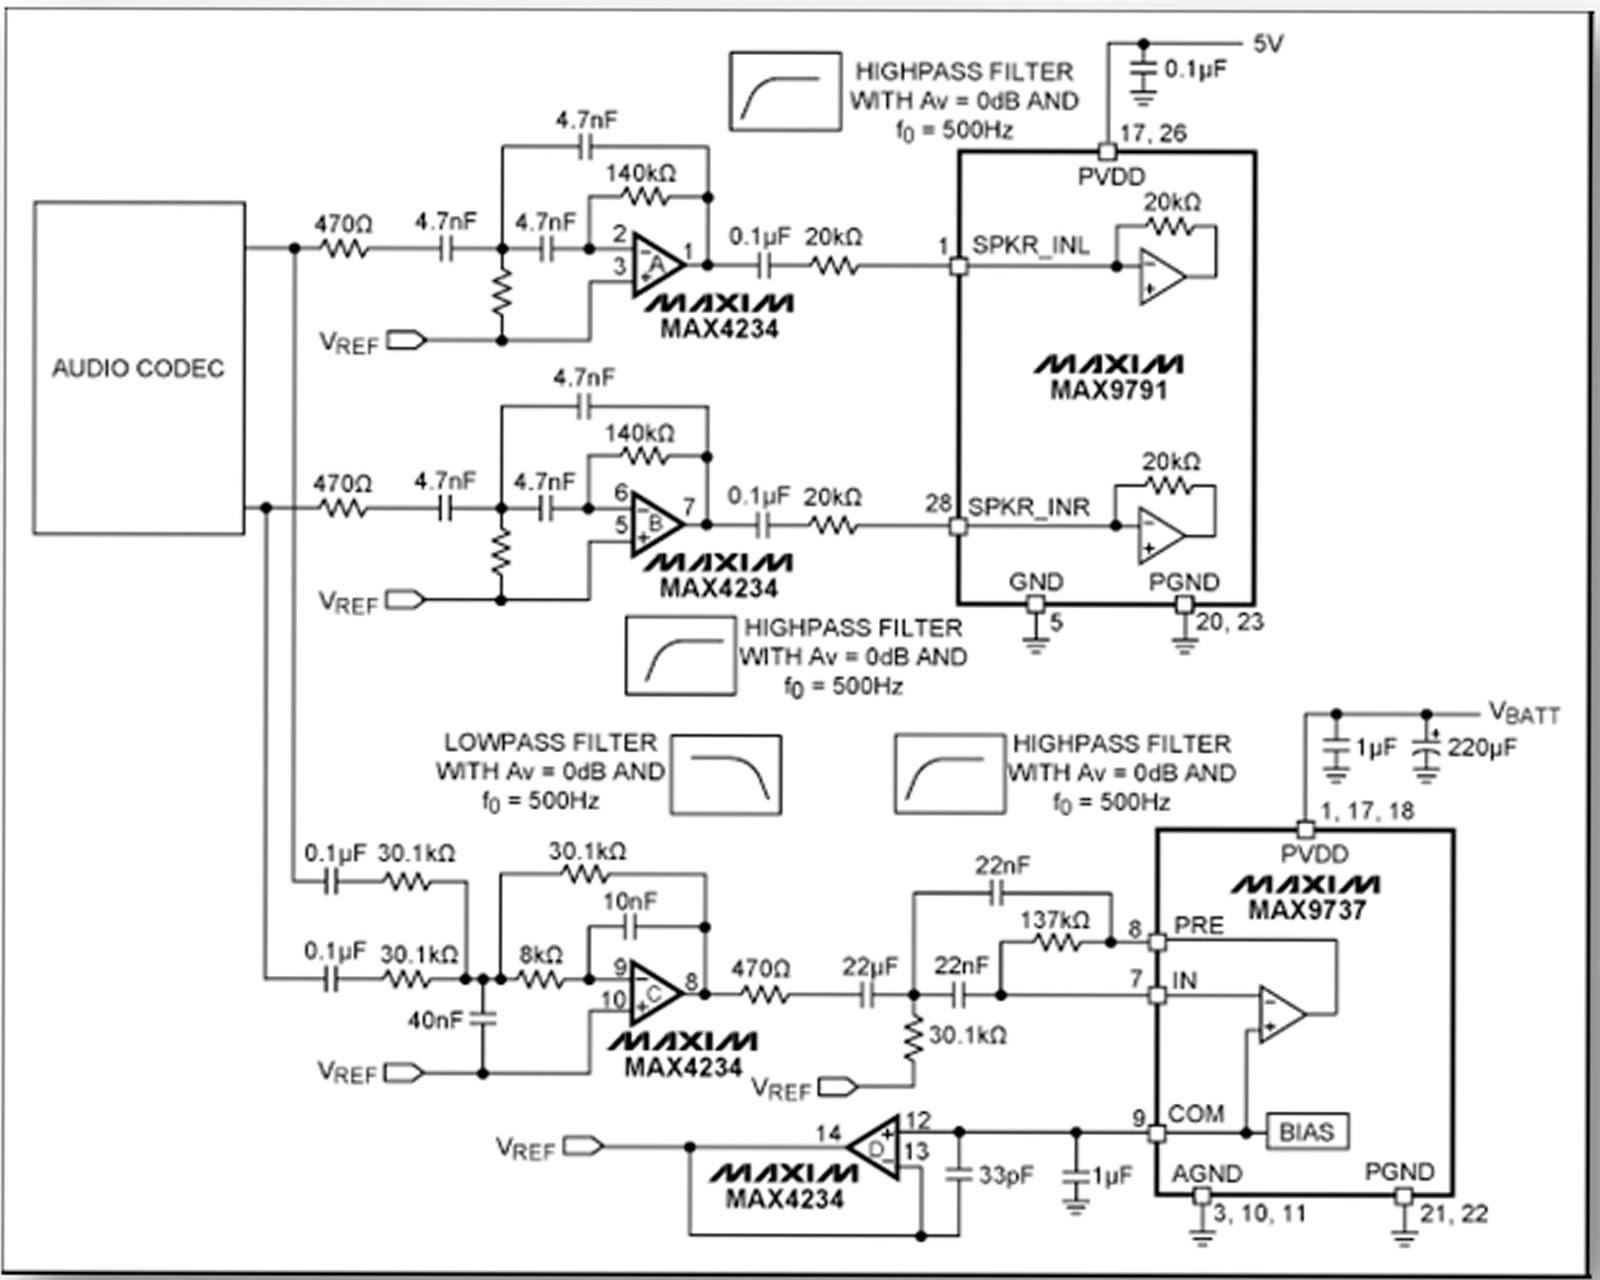 Regulator Circuit Diagram